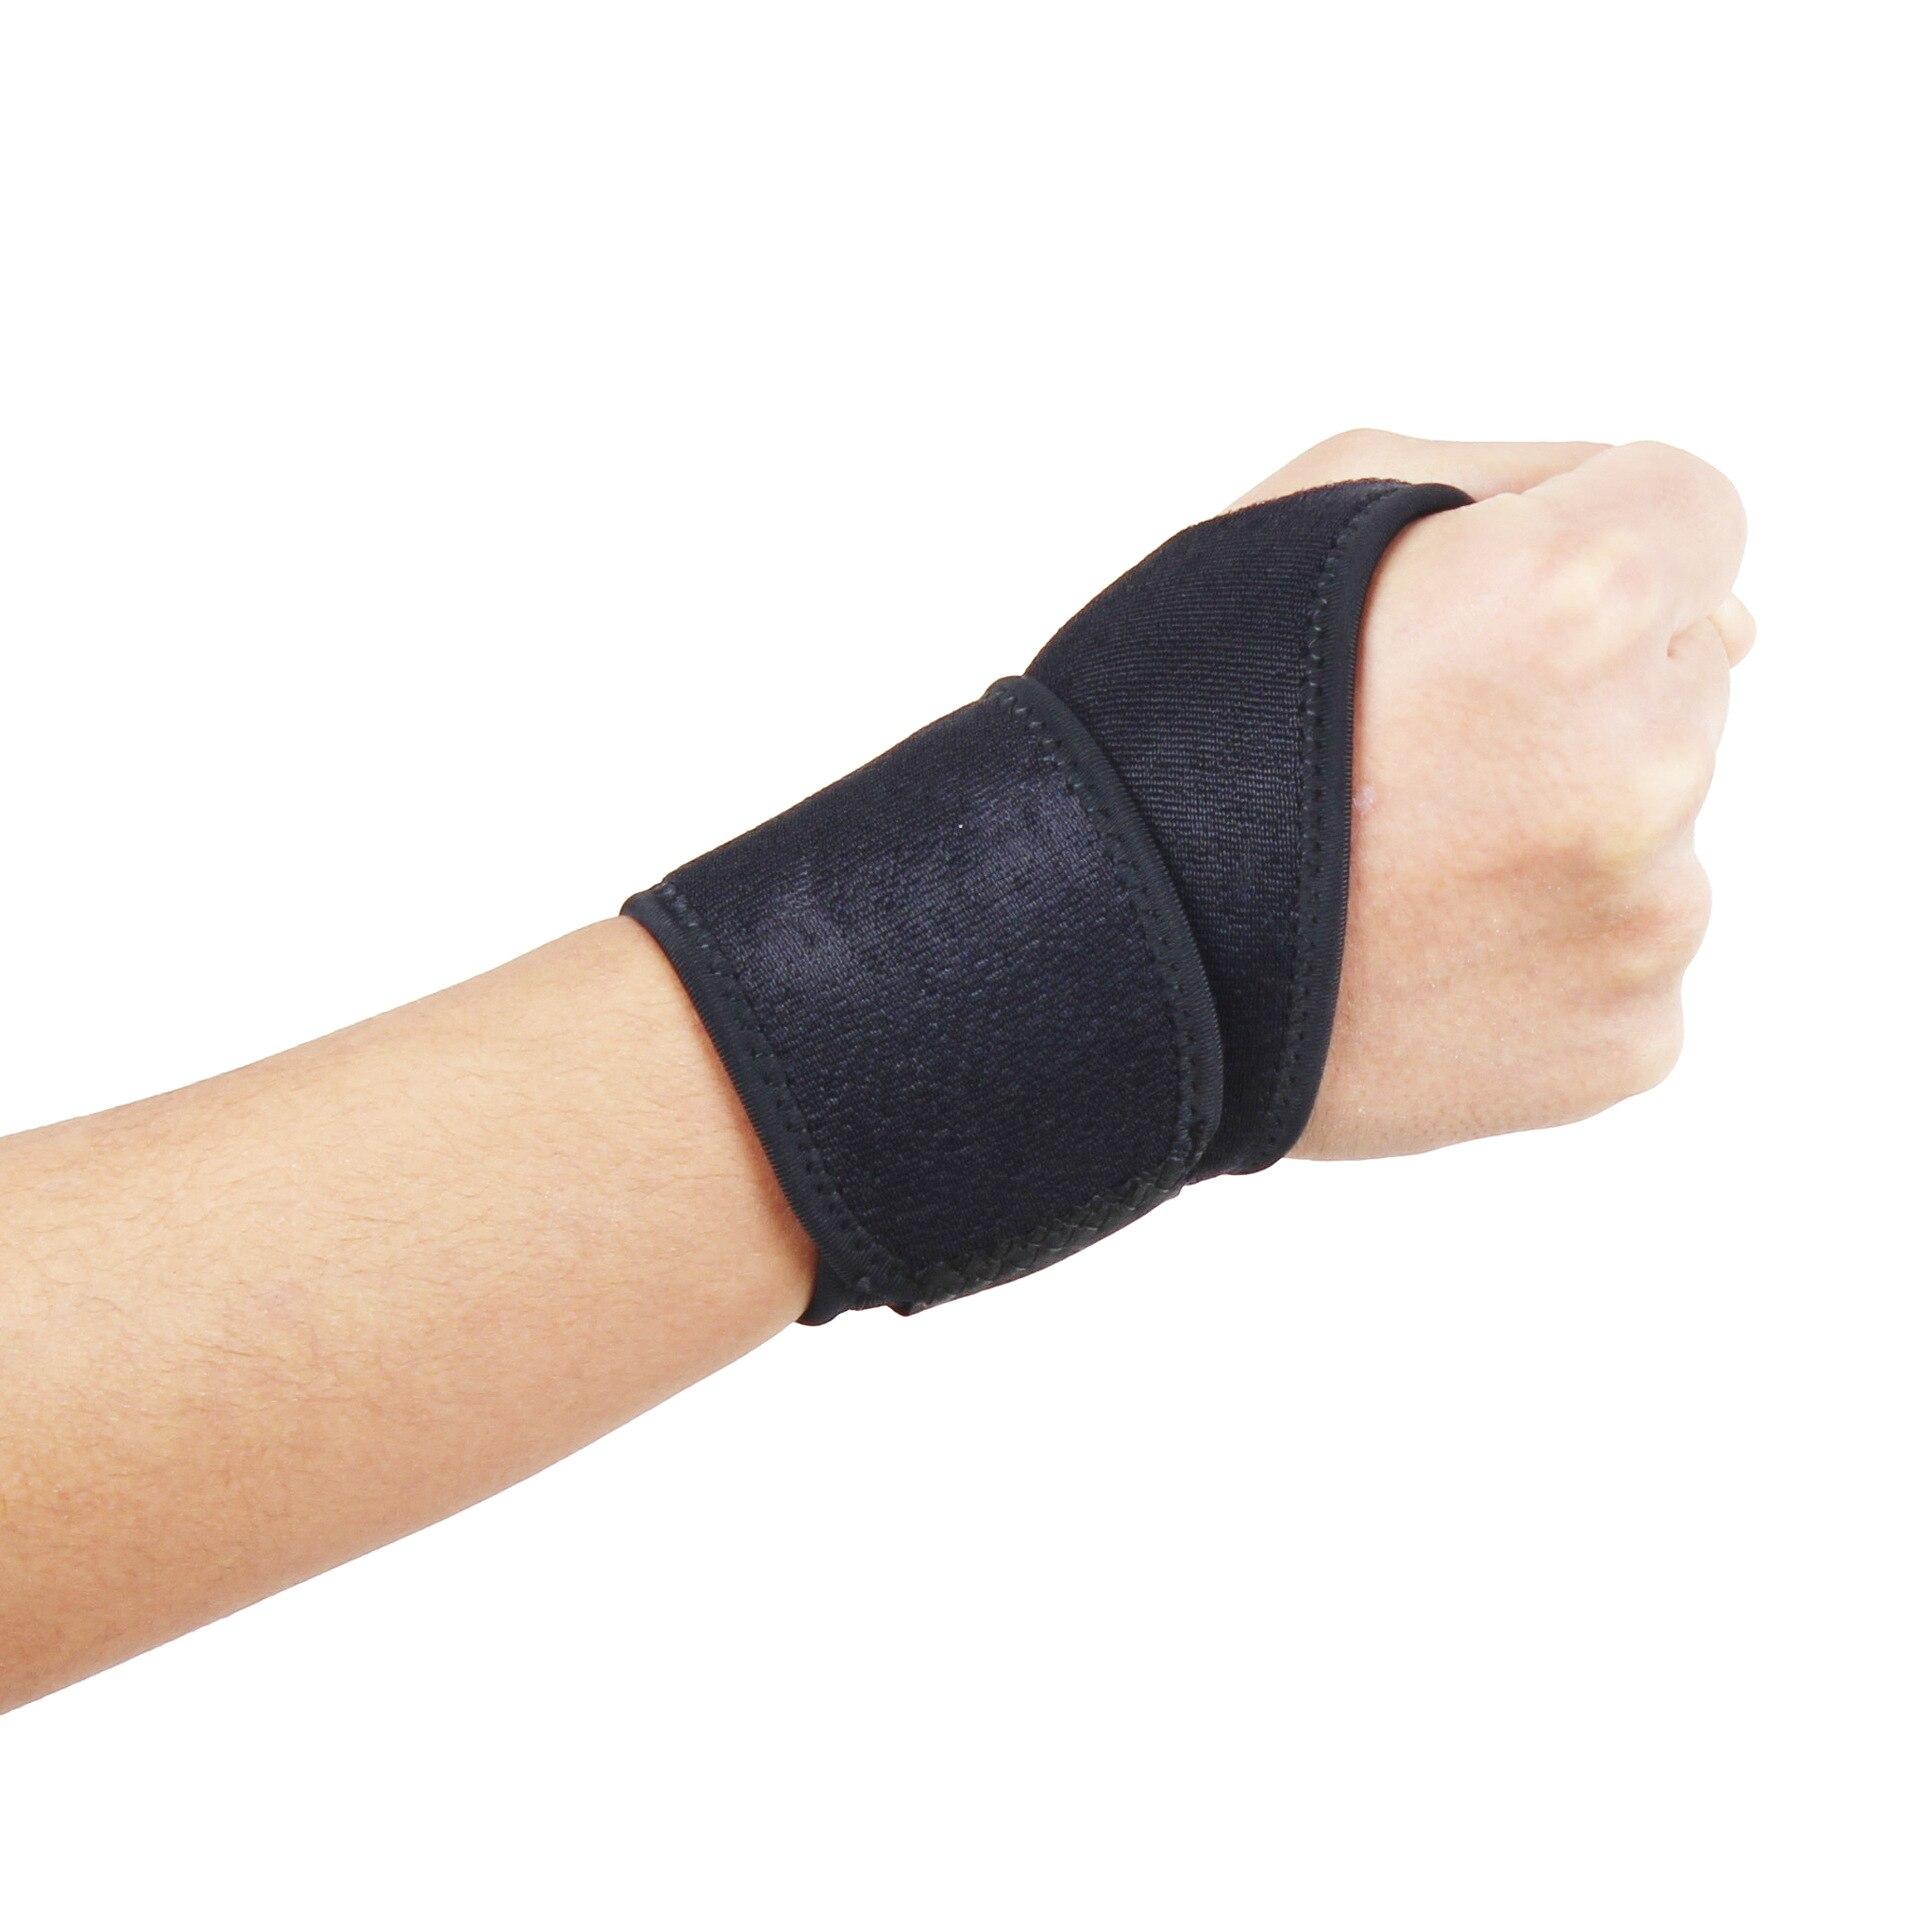 Pergelangan Tangan Brace Gelang Untuk Kista Ganglion Arthritis Terowongan Karpal Artritis Sarung Tangan Bernapas Olahraga Pergelangan Tangan Dukungan Kiri Kanan Unisex Wrist Dukungan Aliexpress